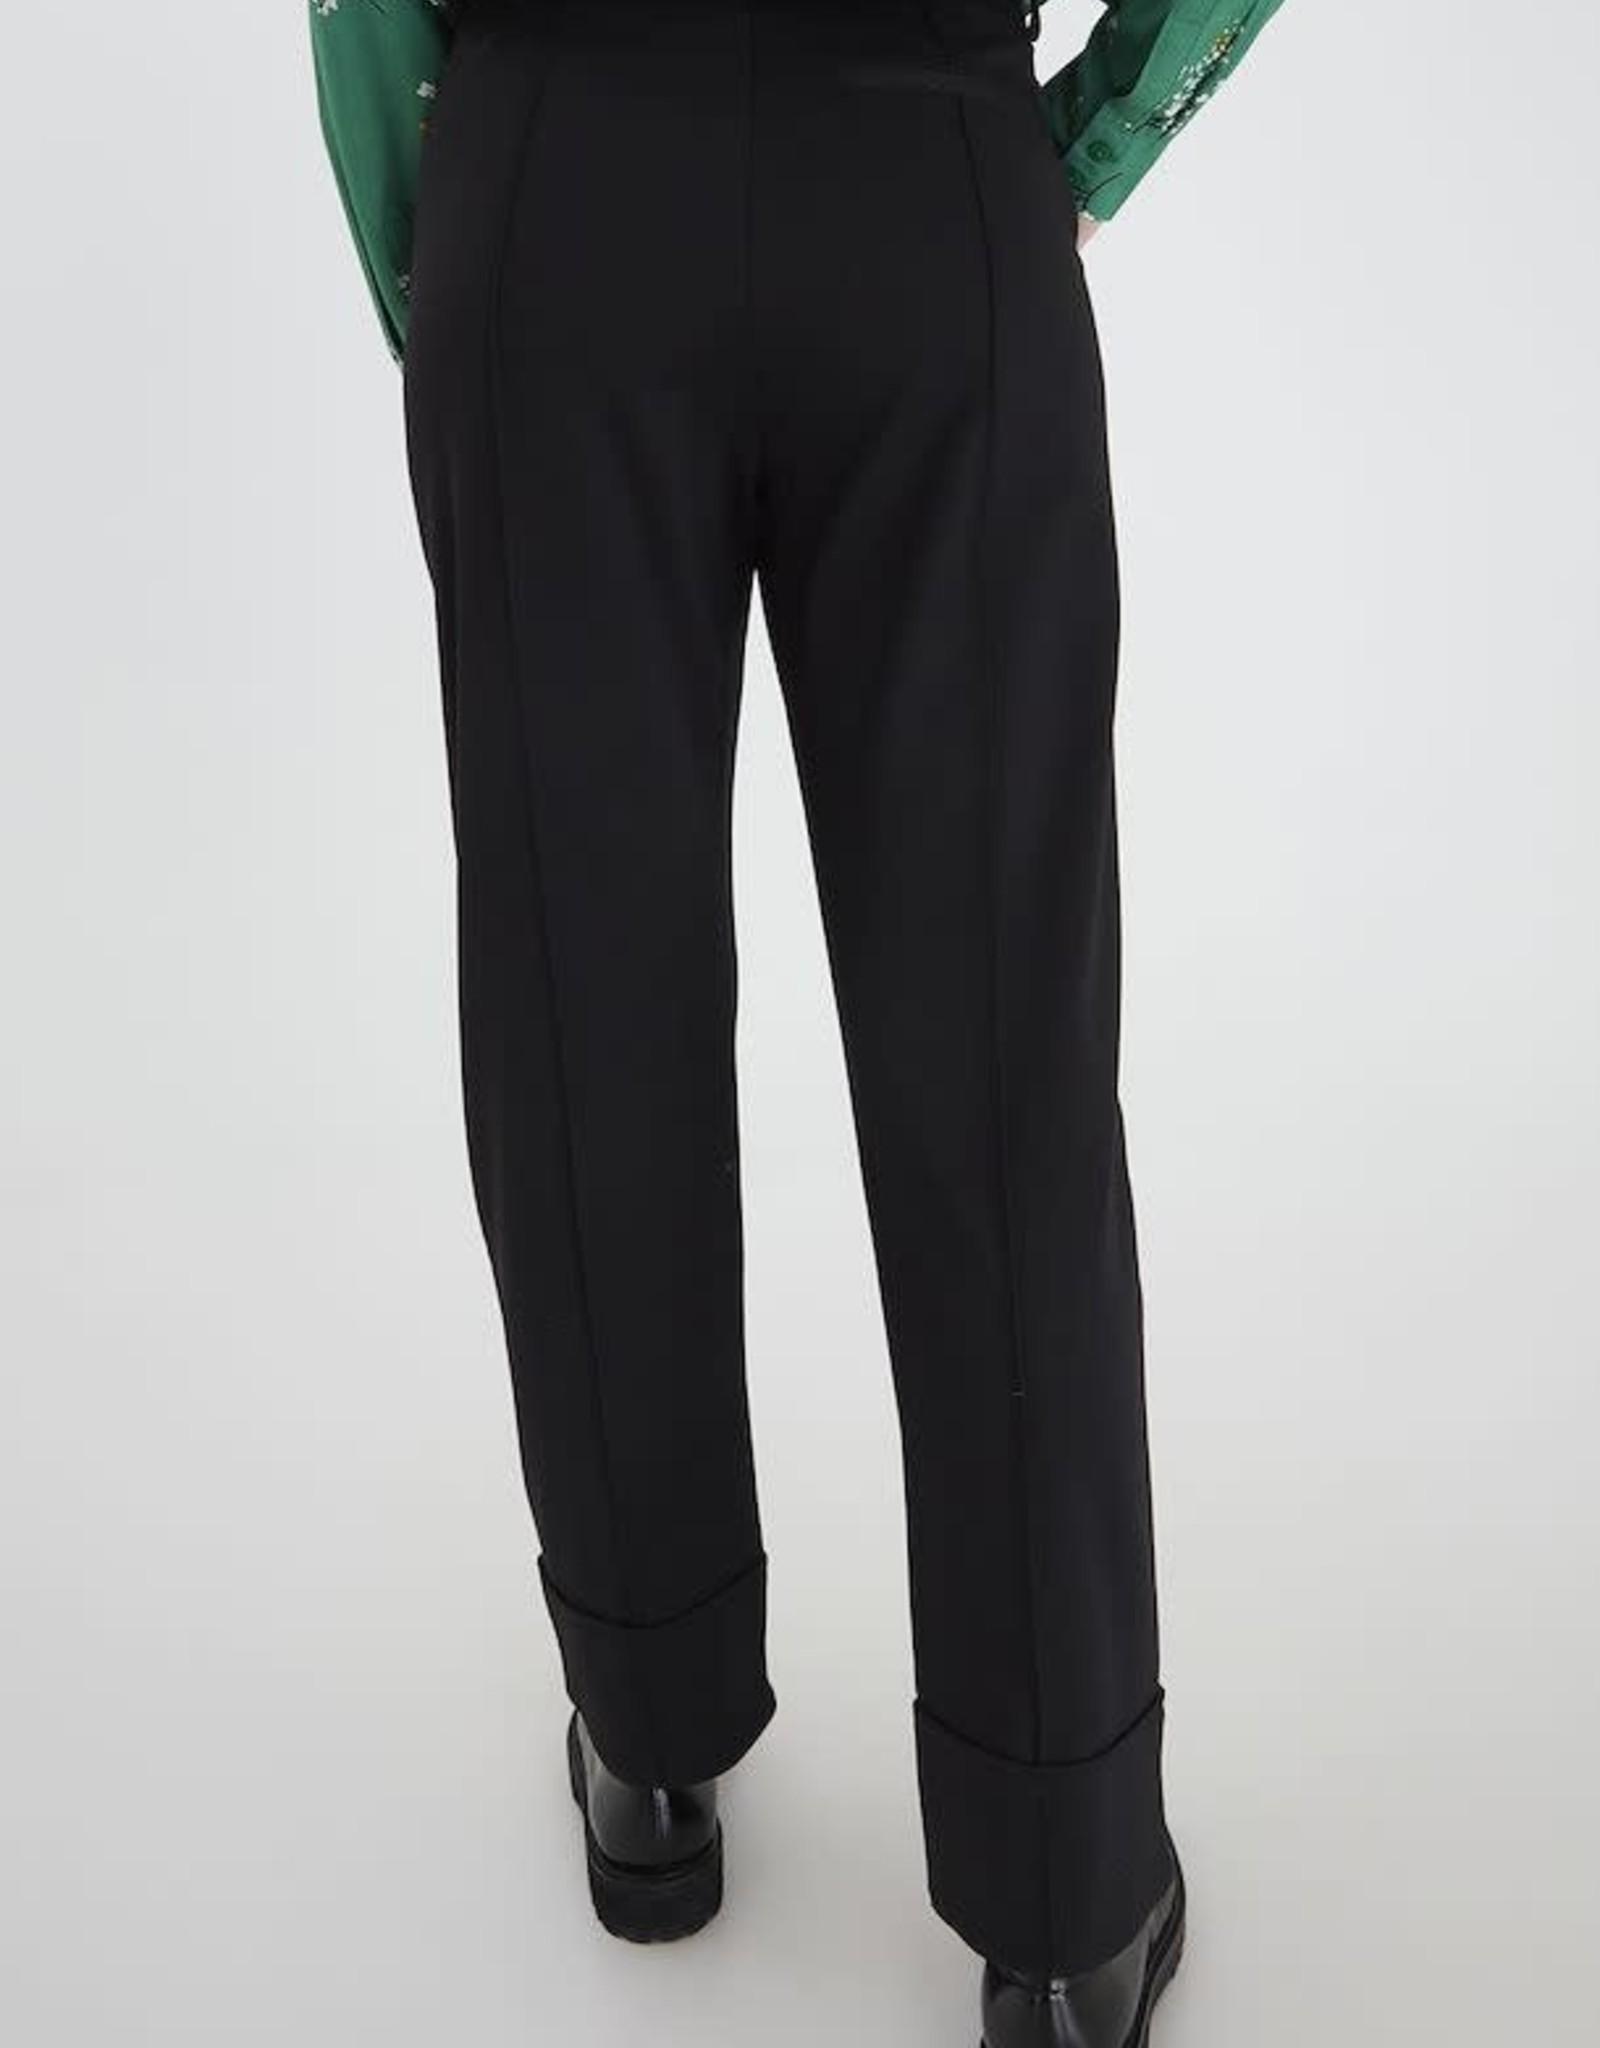 Ichi ICHI Ihkate Trend pants7